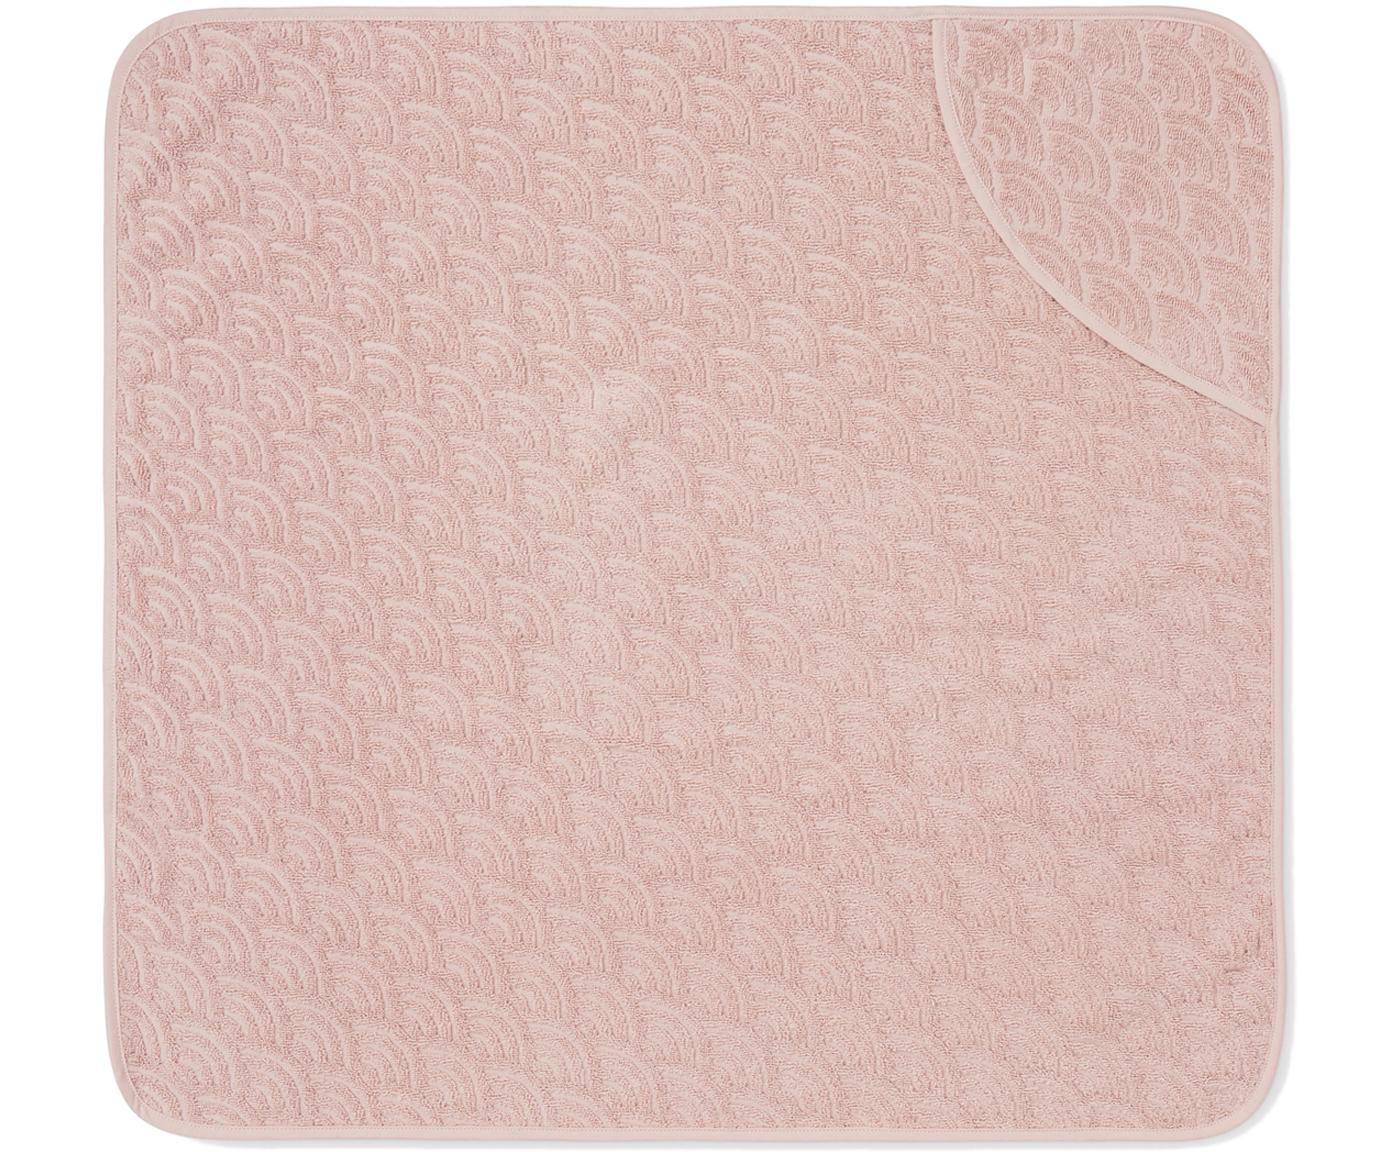 Baby-Badetuch Wave aus Bio-Baumwolle, Bio-Baumwolle, GOTS-zertifiziert, Rosa, 80 x 80 cm